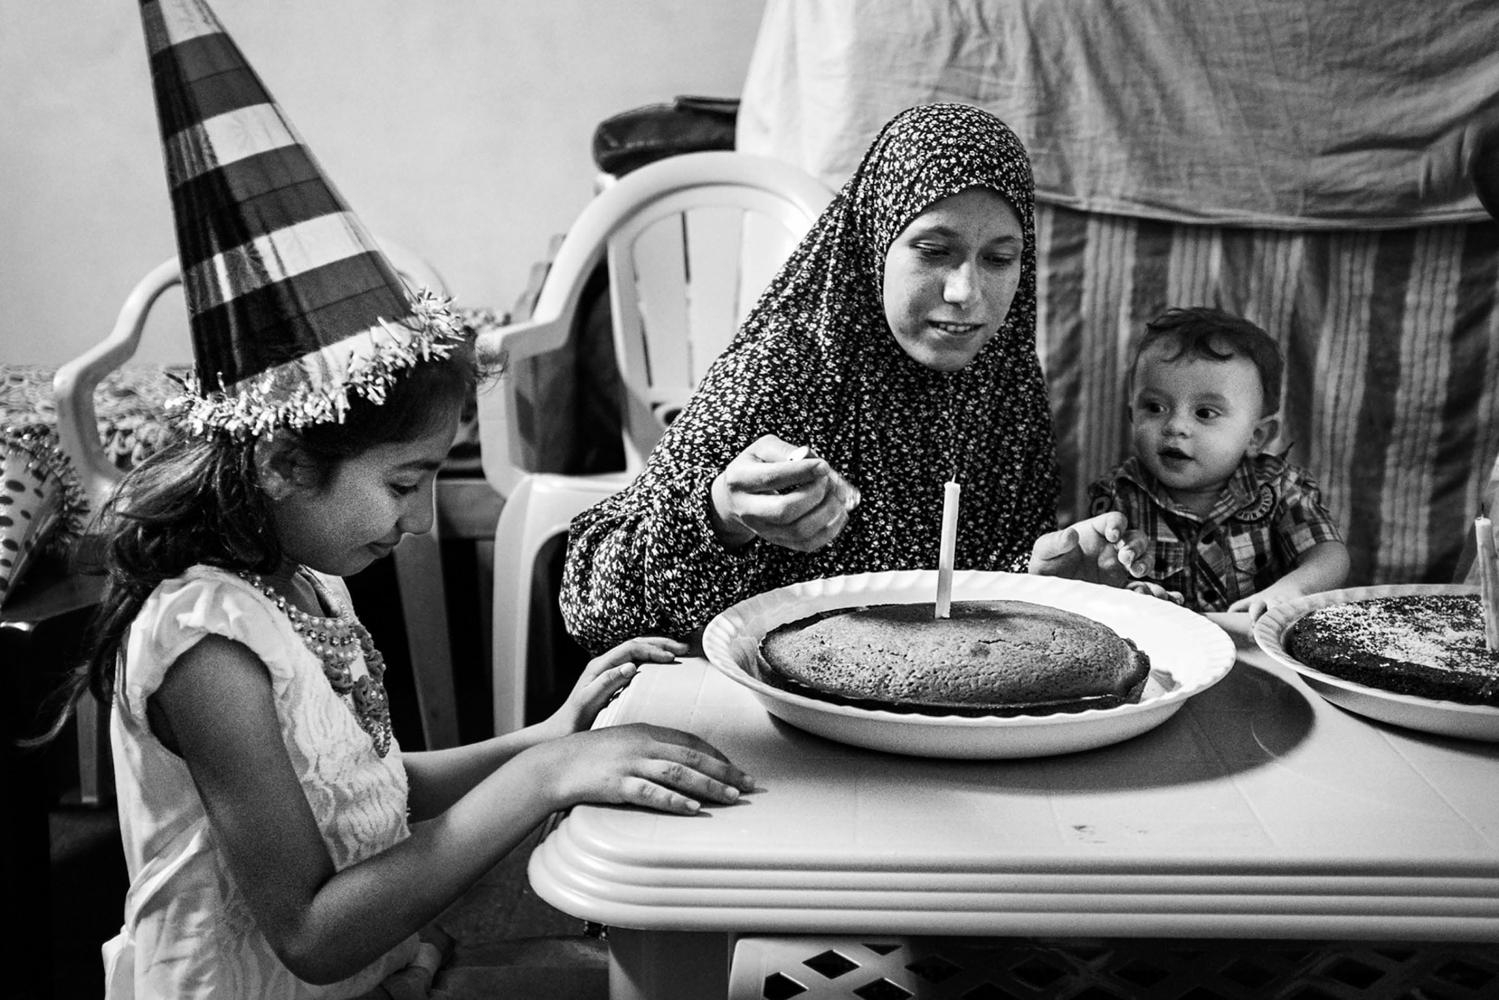 Gaza Shejaya: Yamen Al Batneeny célèbre son premier anniversaire avec sa tante et sa cousine. Il est né pendant la guerre 2014 tandis que sa maison était déjà complètement détruite par un raid aérien israelien. Pour son anniversaire, ses grands-parents ont obtenu la nouvelle que la reconstruction de sa maison commencera normalement la semaine d'après. 12/08/15